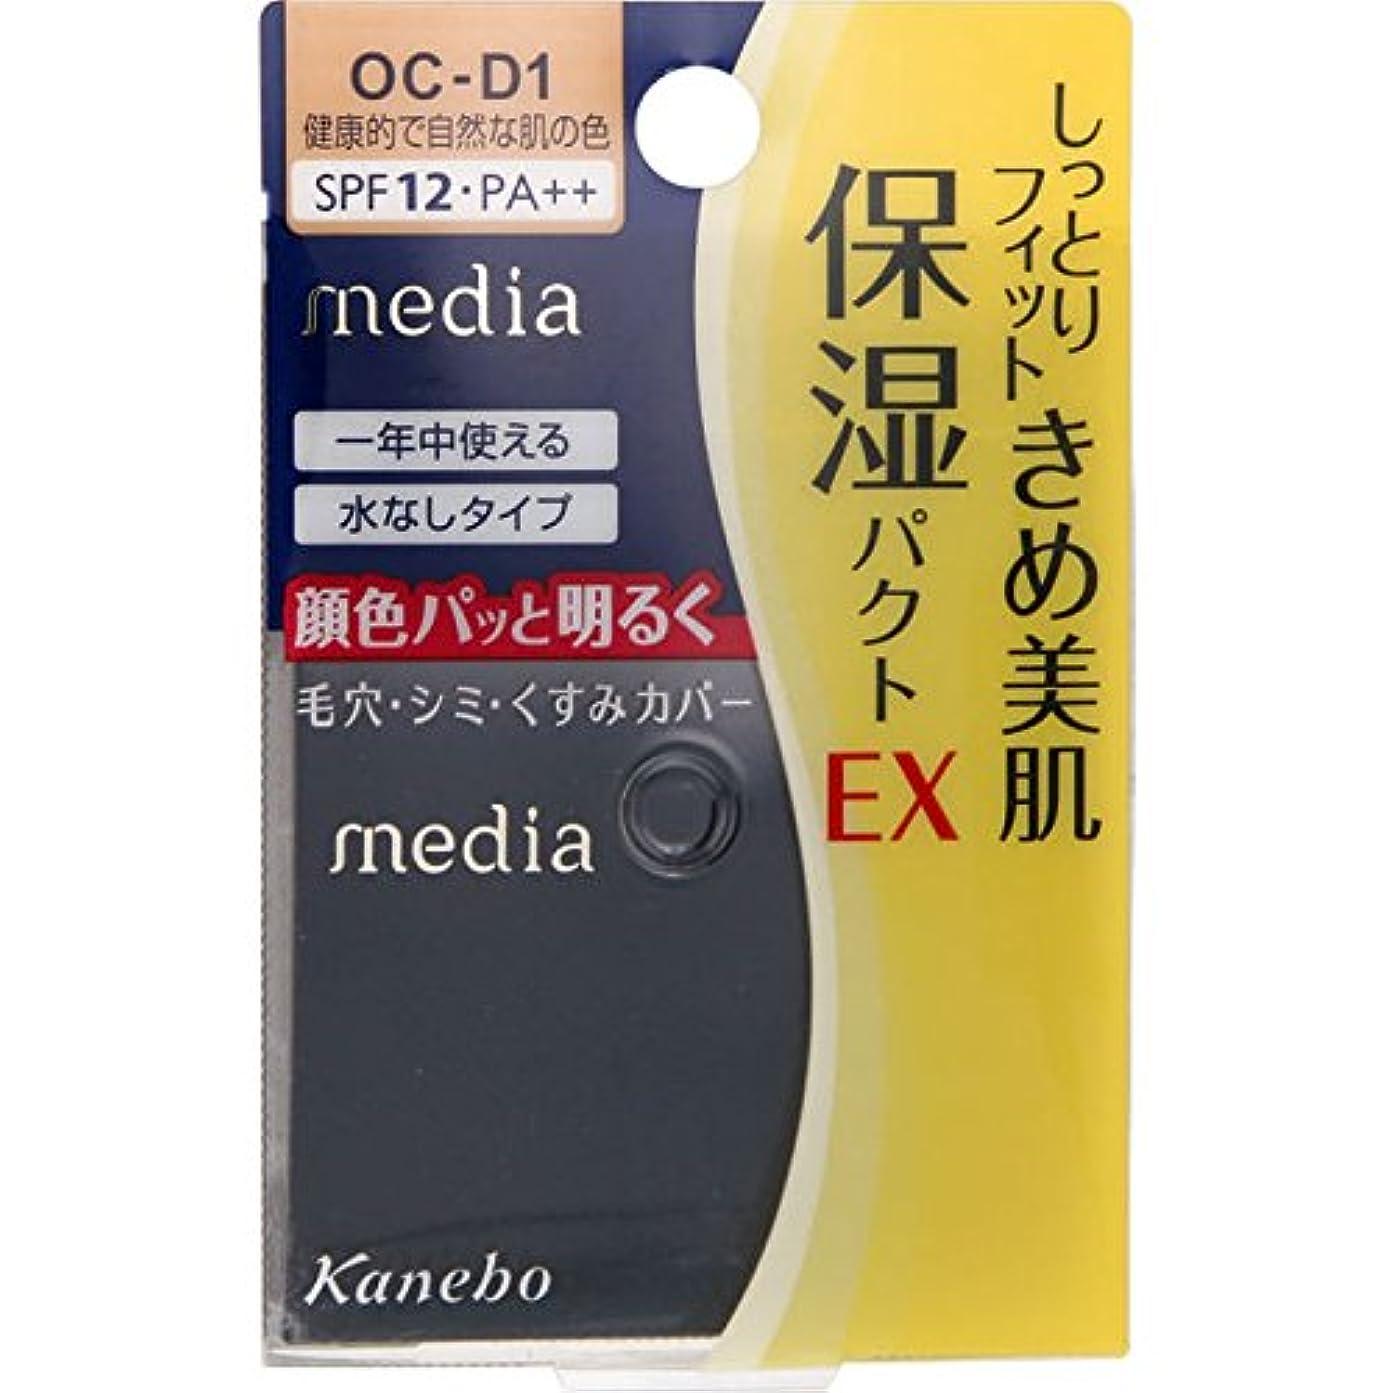 バイオレットサーキュレーション効率的カネボウ メディア モイストフィットパクトEX OC-D1(11g)